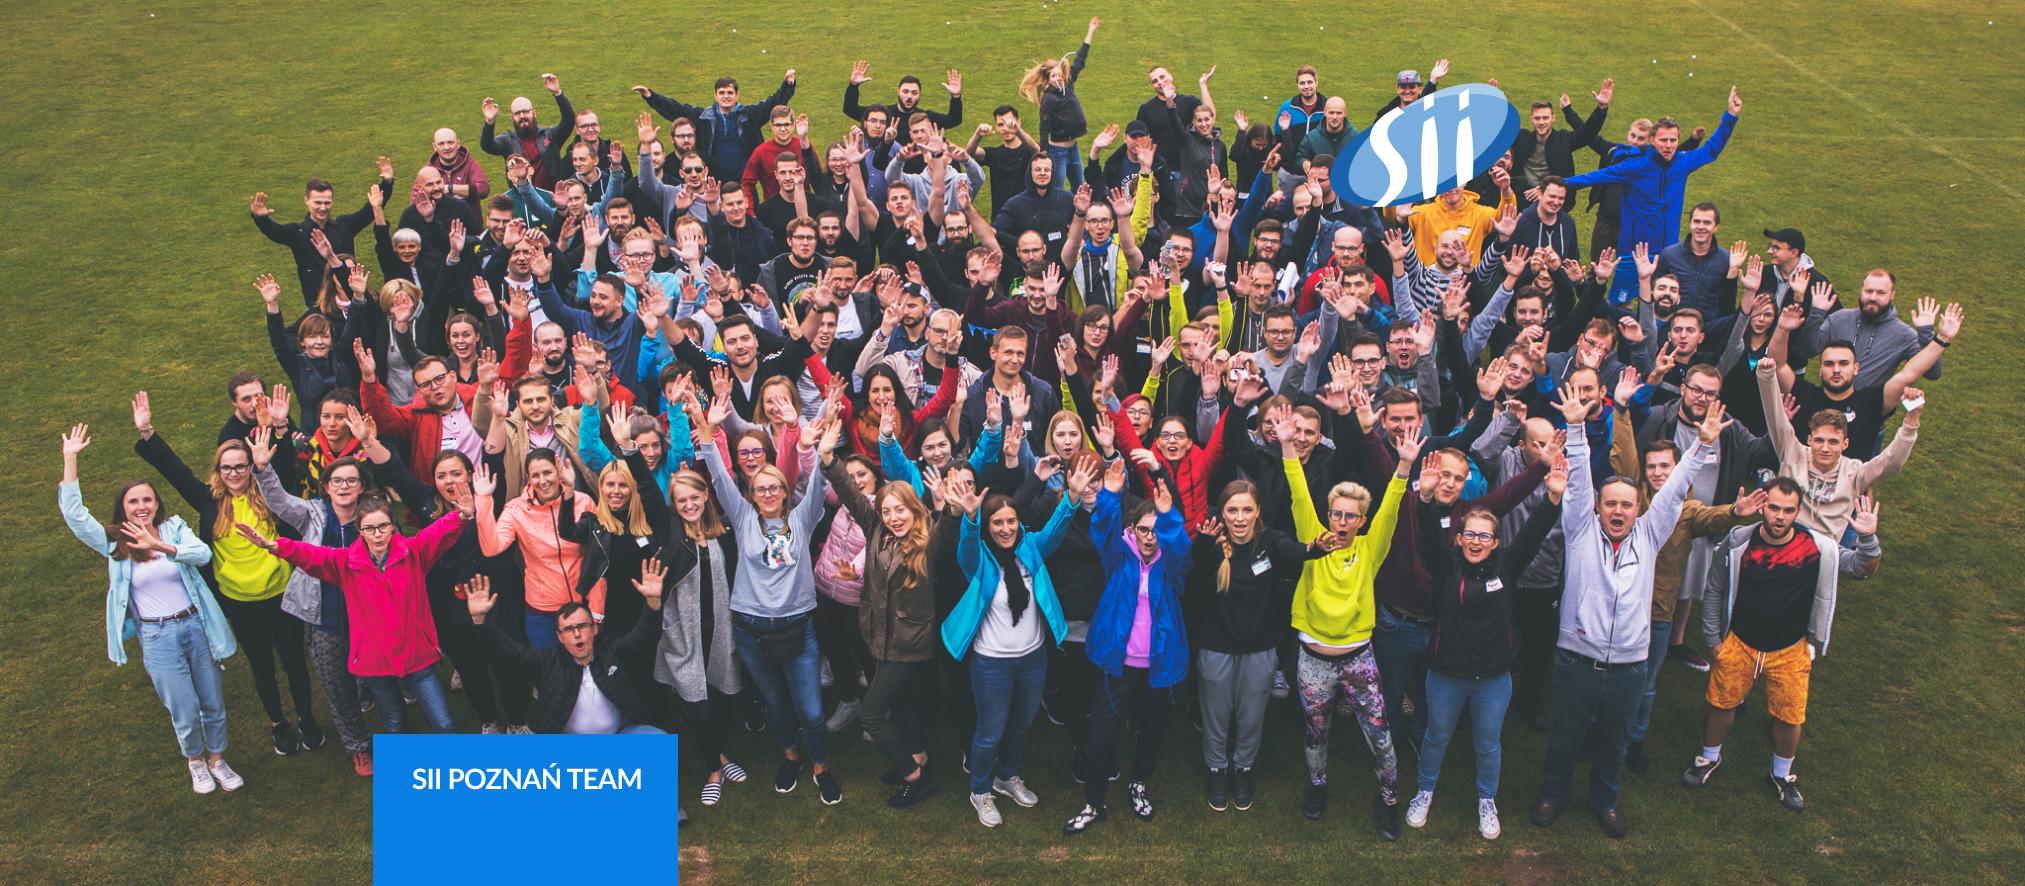 400 pracowników z wielką pasją do technologii i wolontariatu – poznaj bliżej poznański oddział Sii Polska